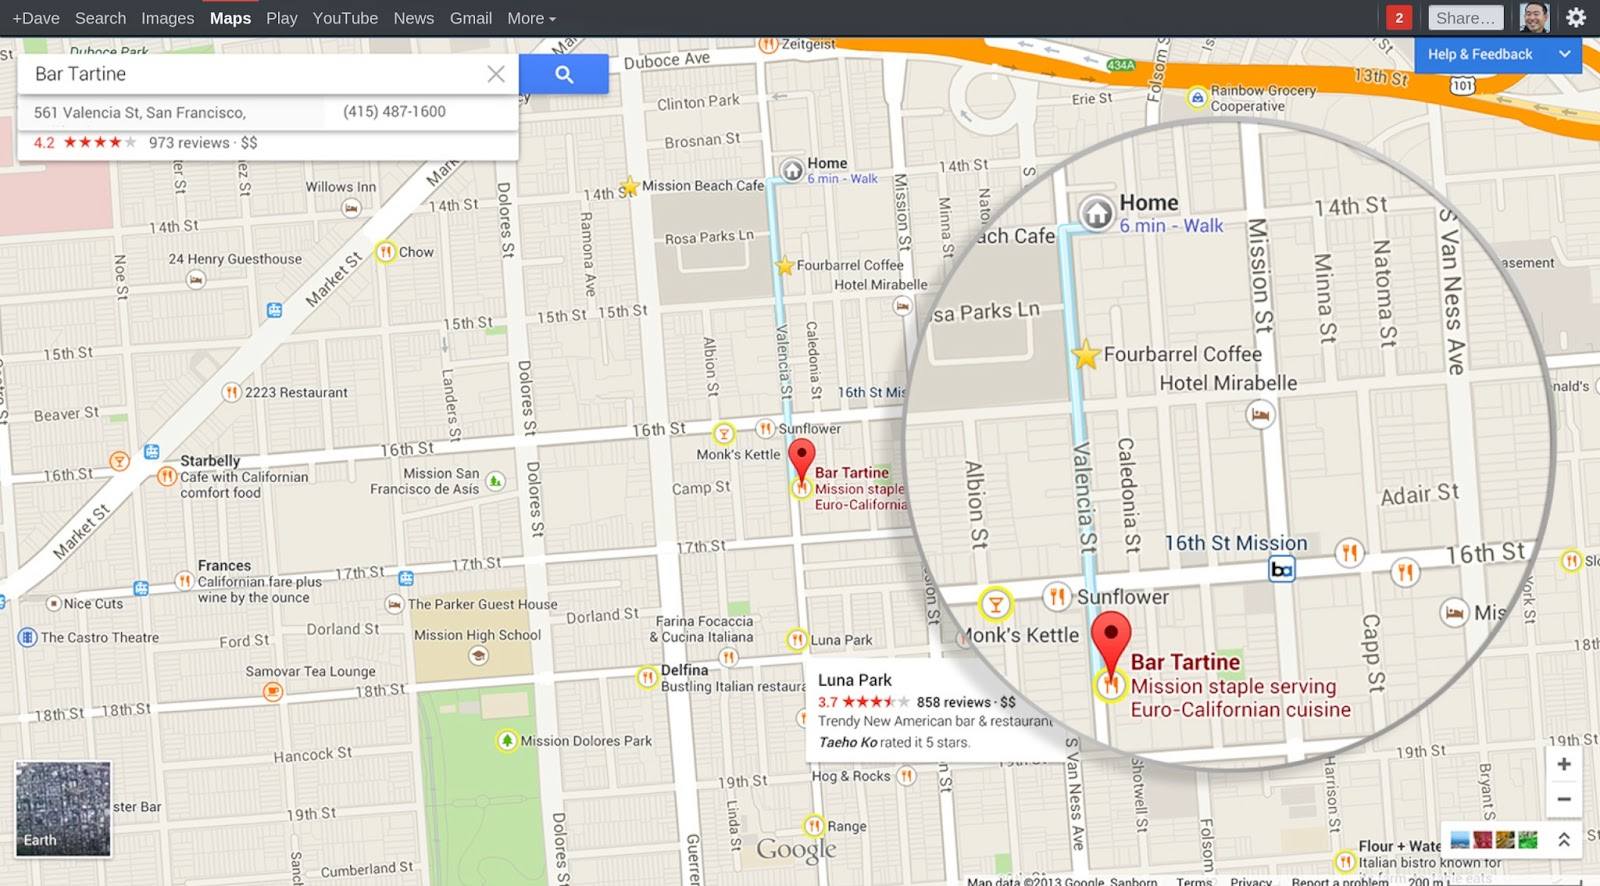 karta google maps Google Maps får ett nytt gränssnitt och nya funktoner [Google I/O  karta google maps